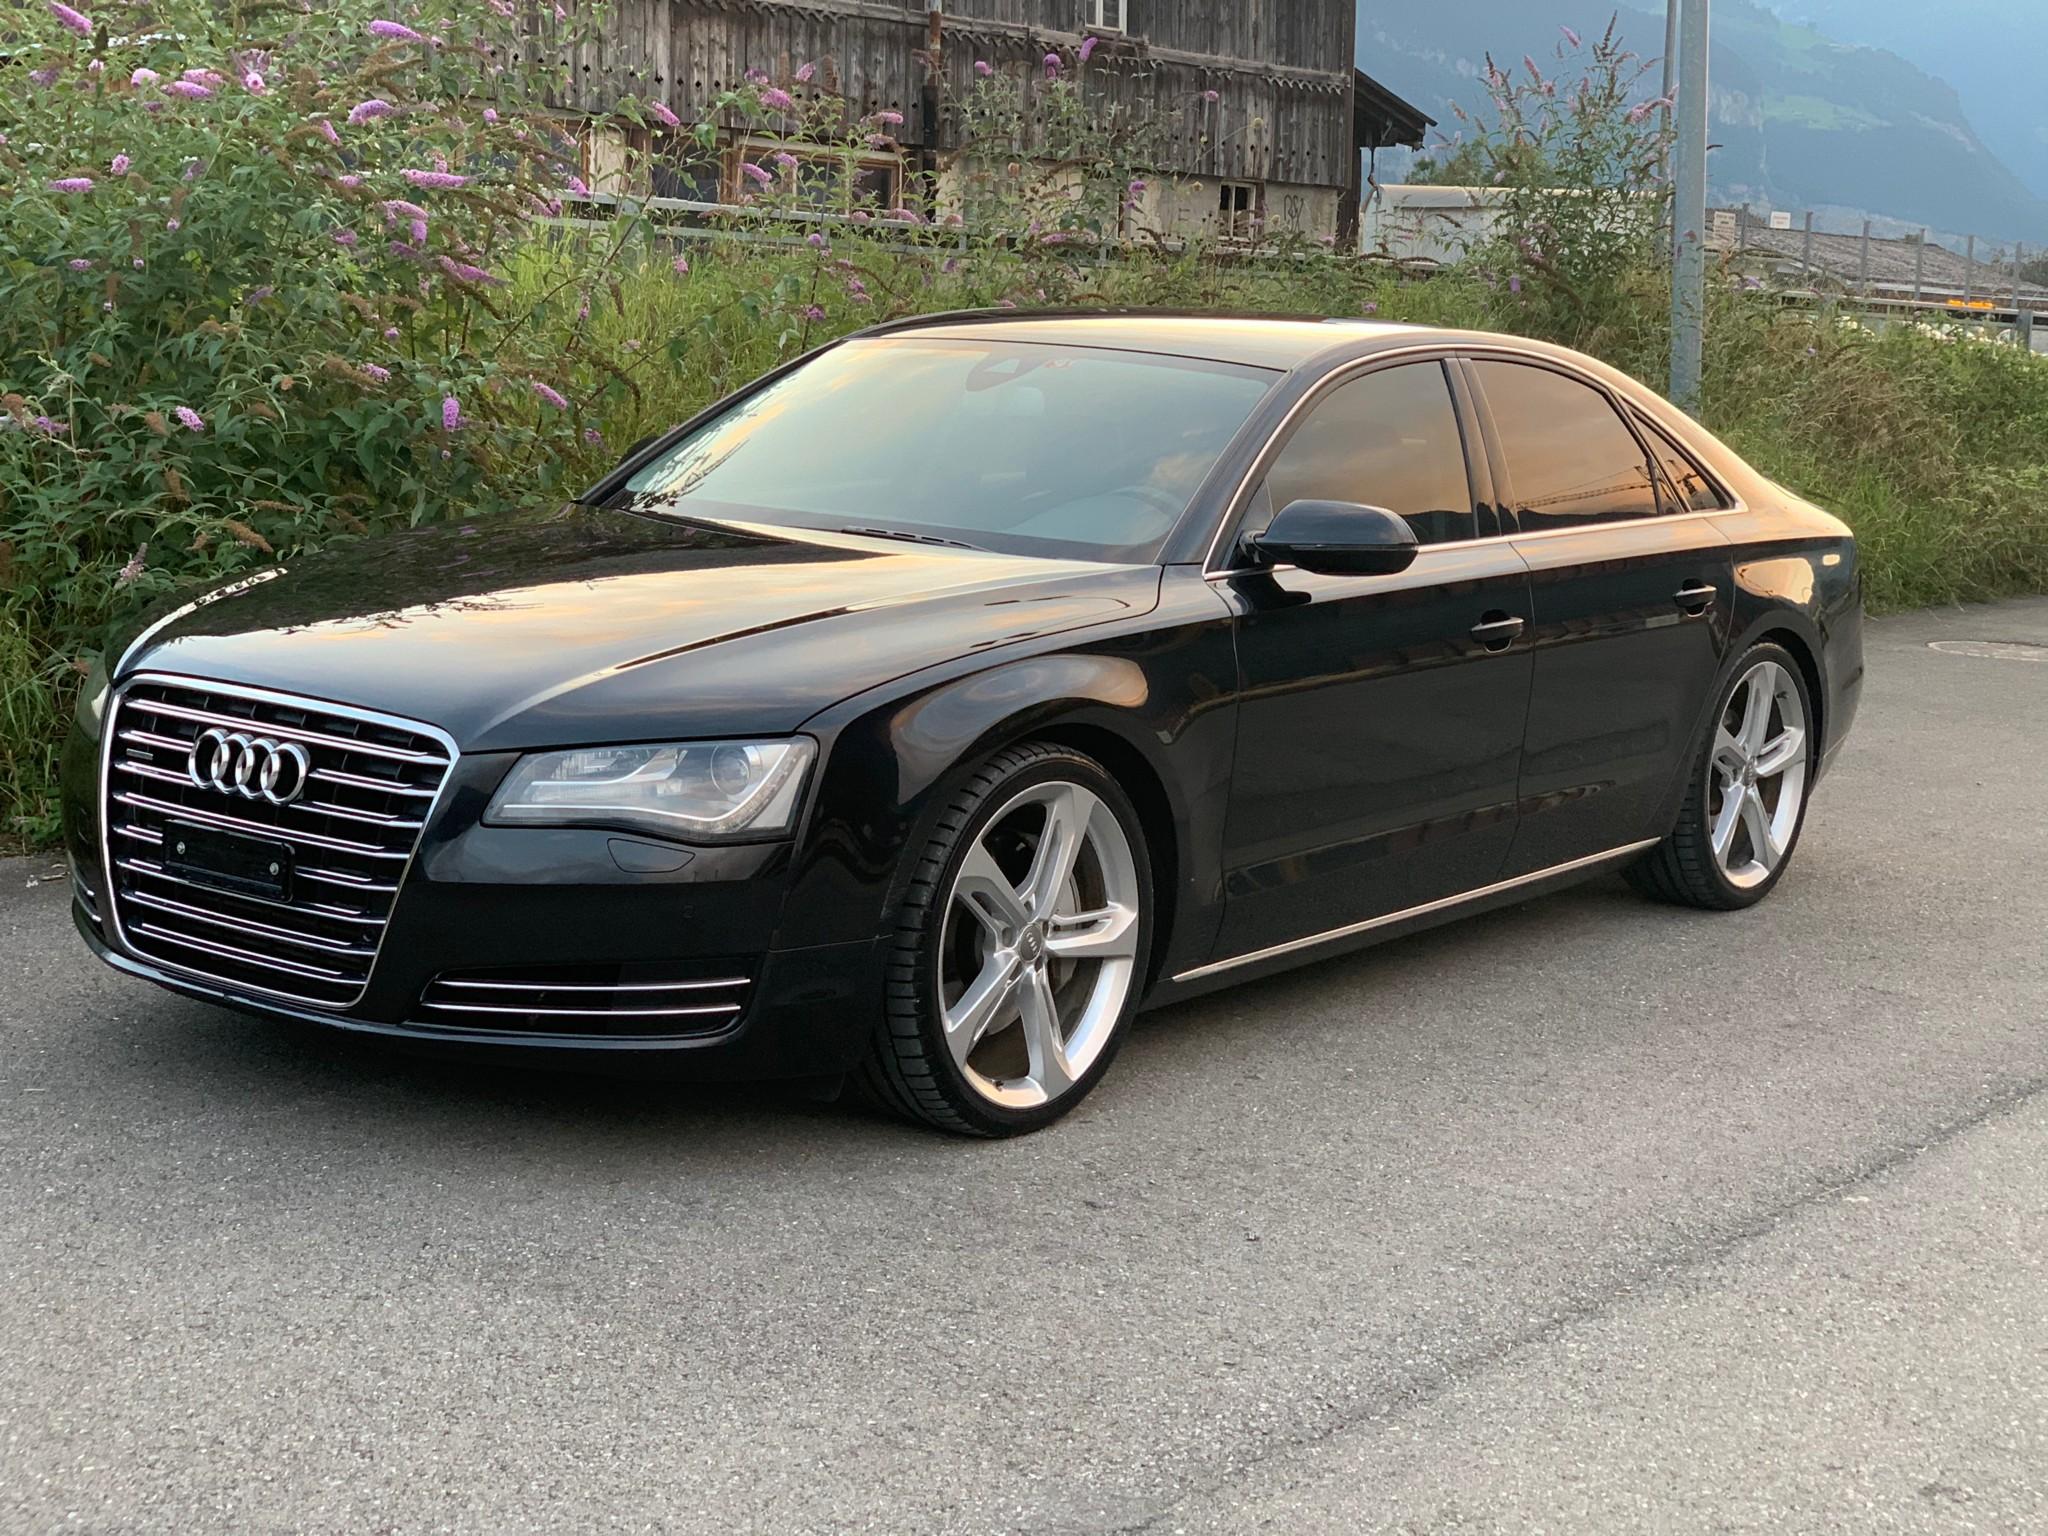 saloon Audi A8 3.0 TDI Quattro